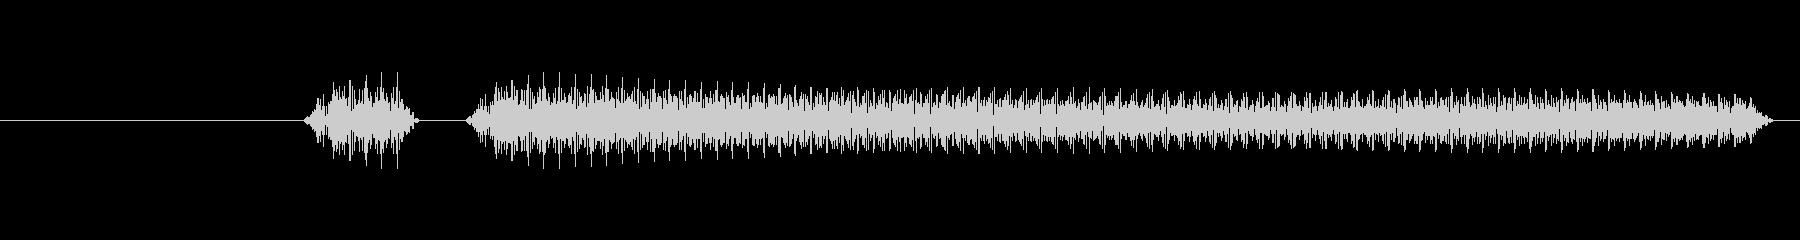 「ブブーッ」という不正解の効果音です。の未再生の波形